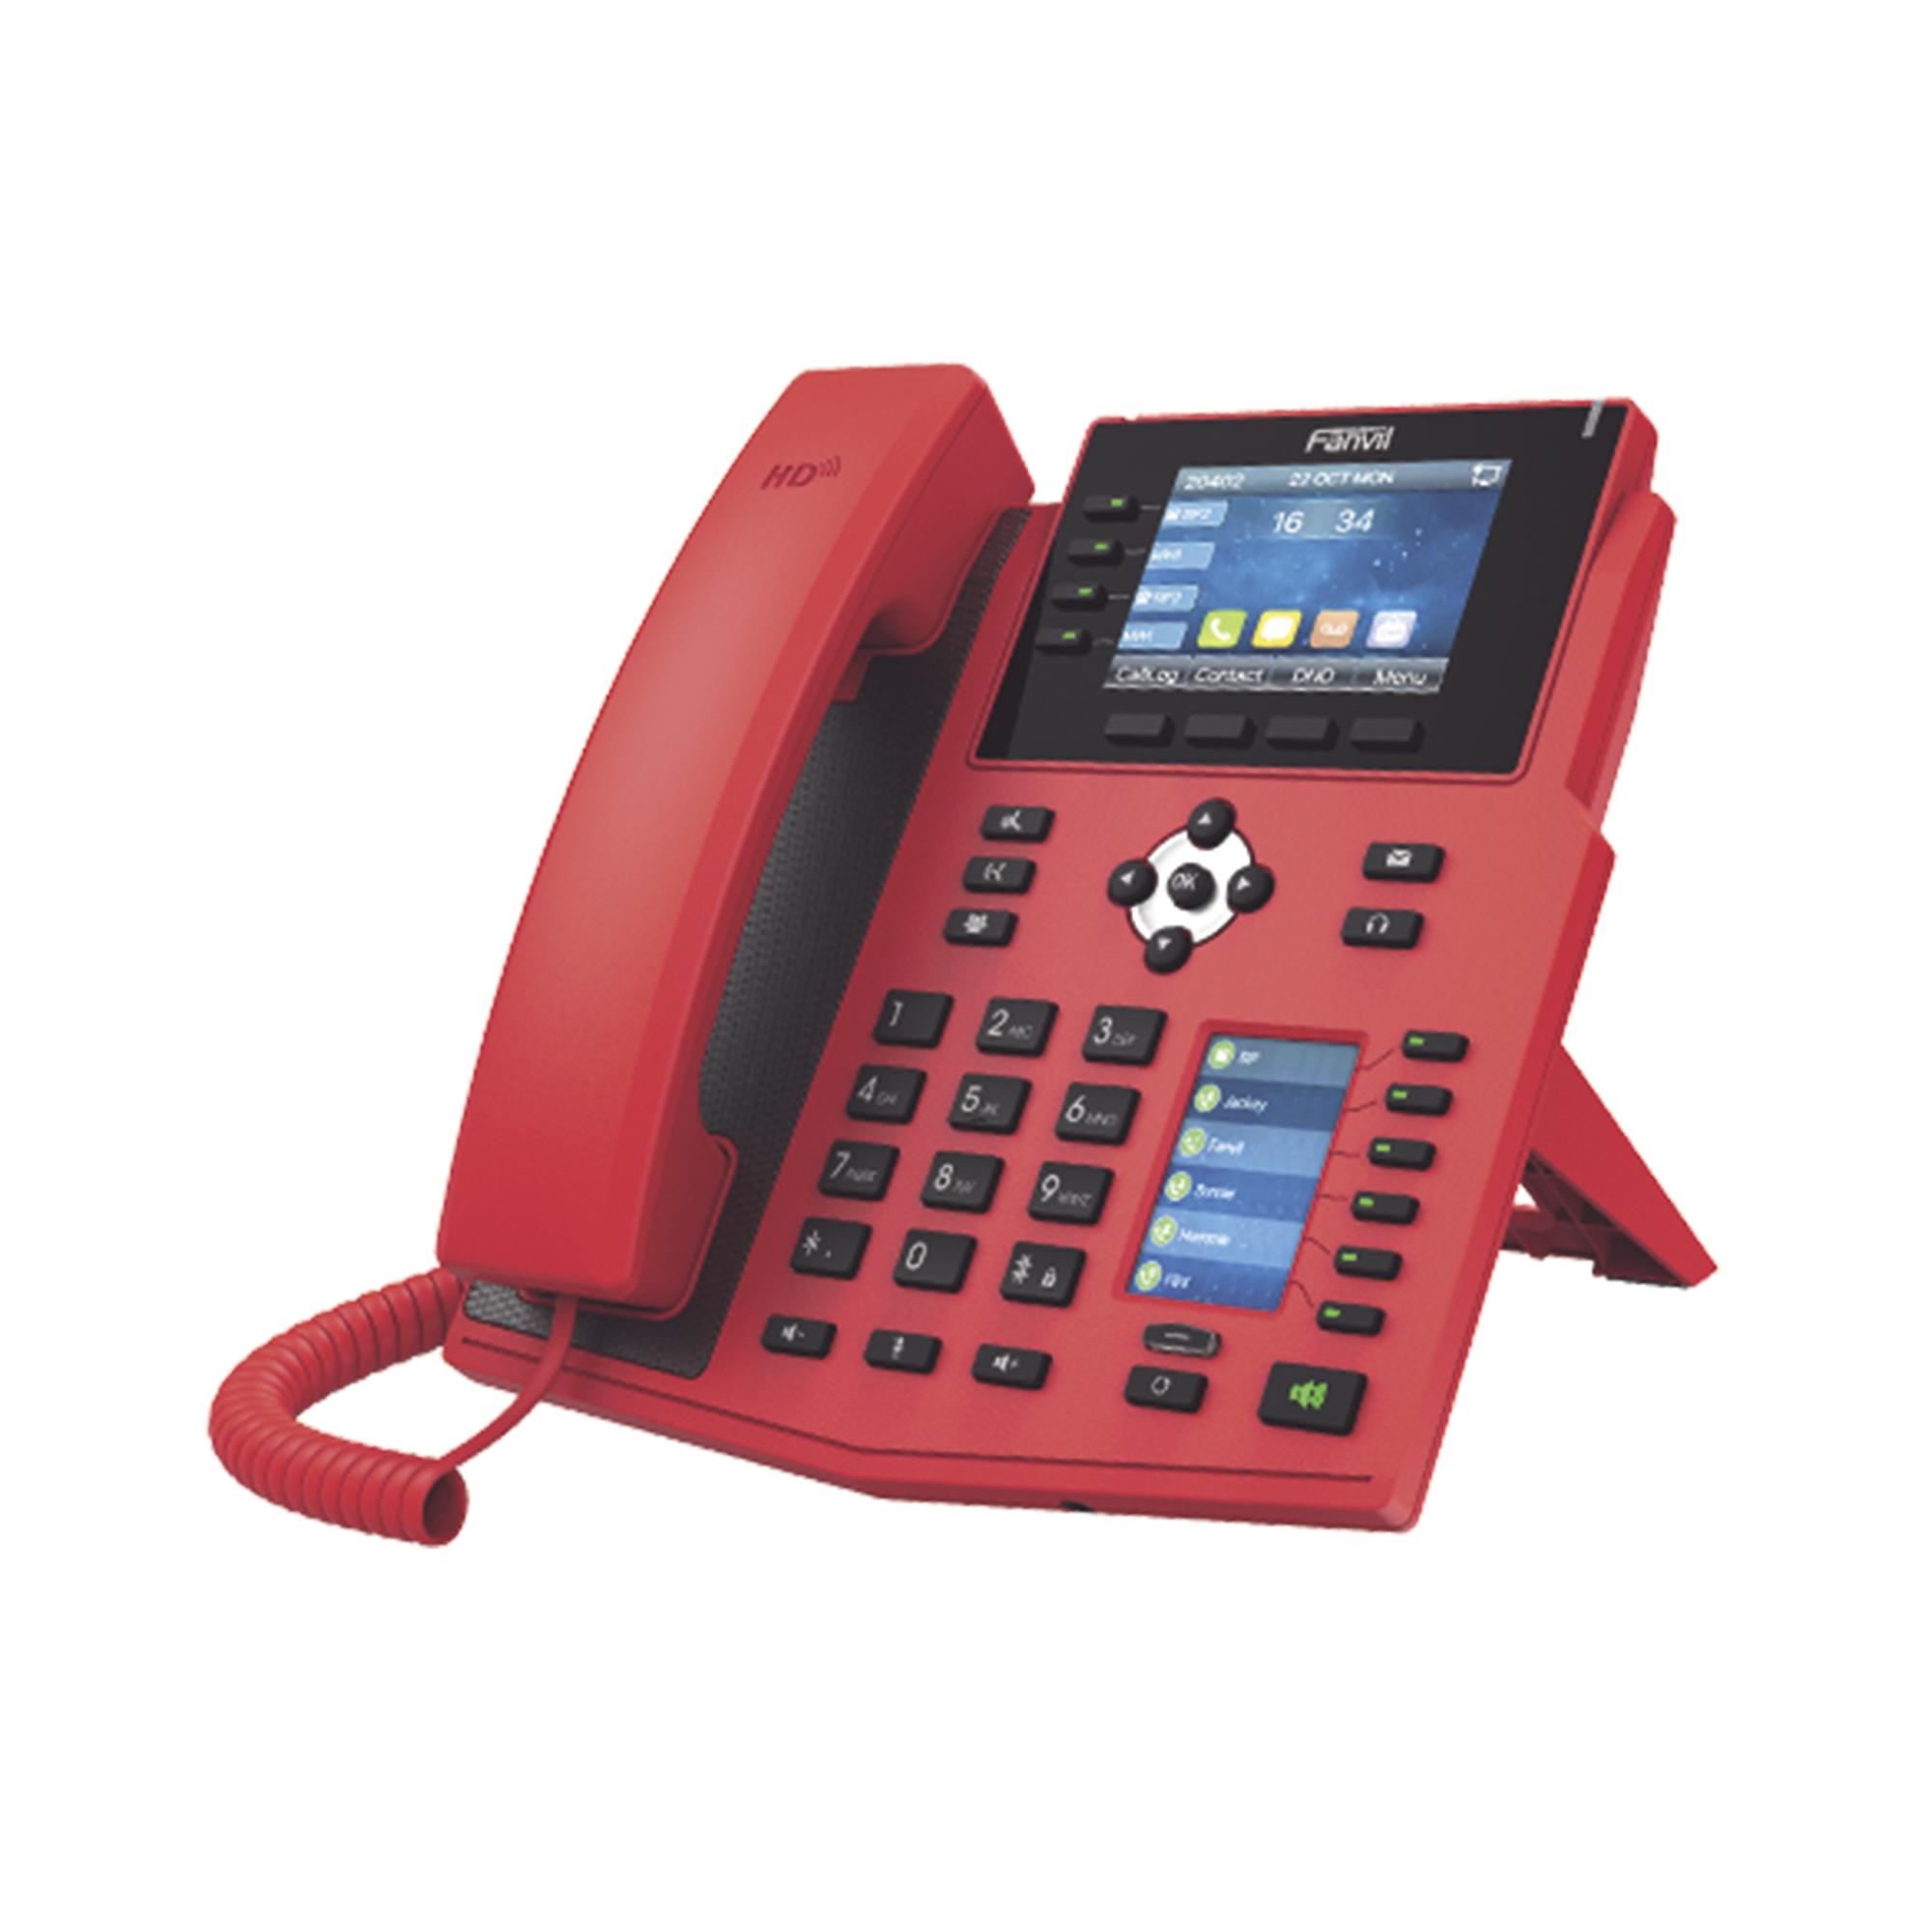 Teléfono IP Empresarial con Estándares Europeos, 16 lineas SIP con pantalla LCD de 3.5 pulgadas a color, 6 teclas DSS/BLF, puertos Gigabit, IPv6, Opus y conferencia de 3 vías, PoE/DC (incluye fuente).